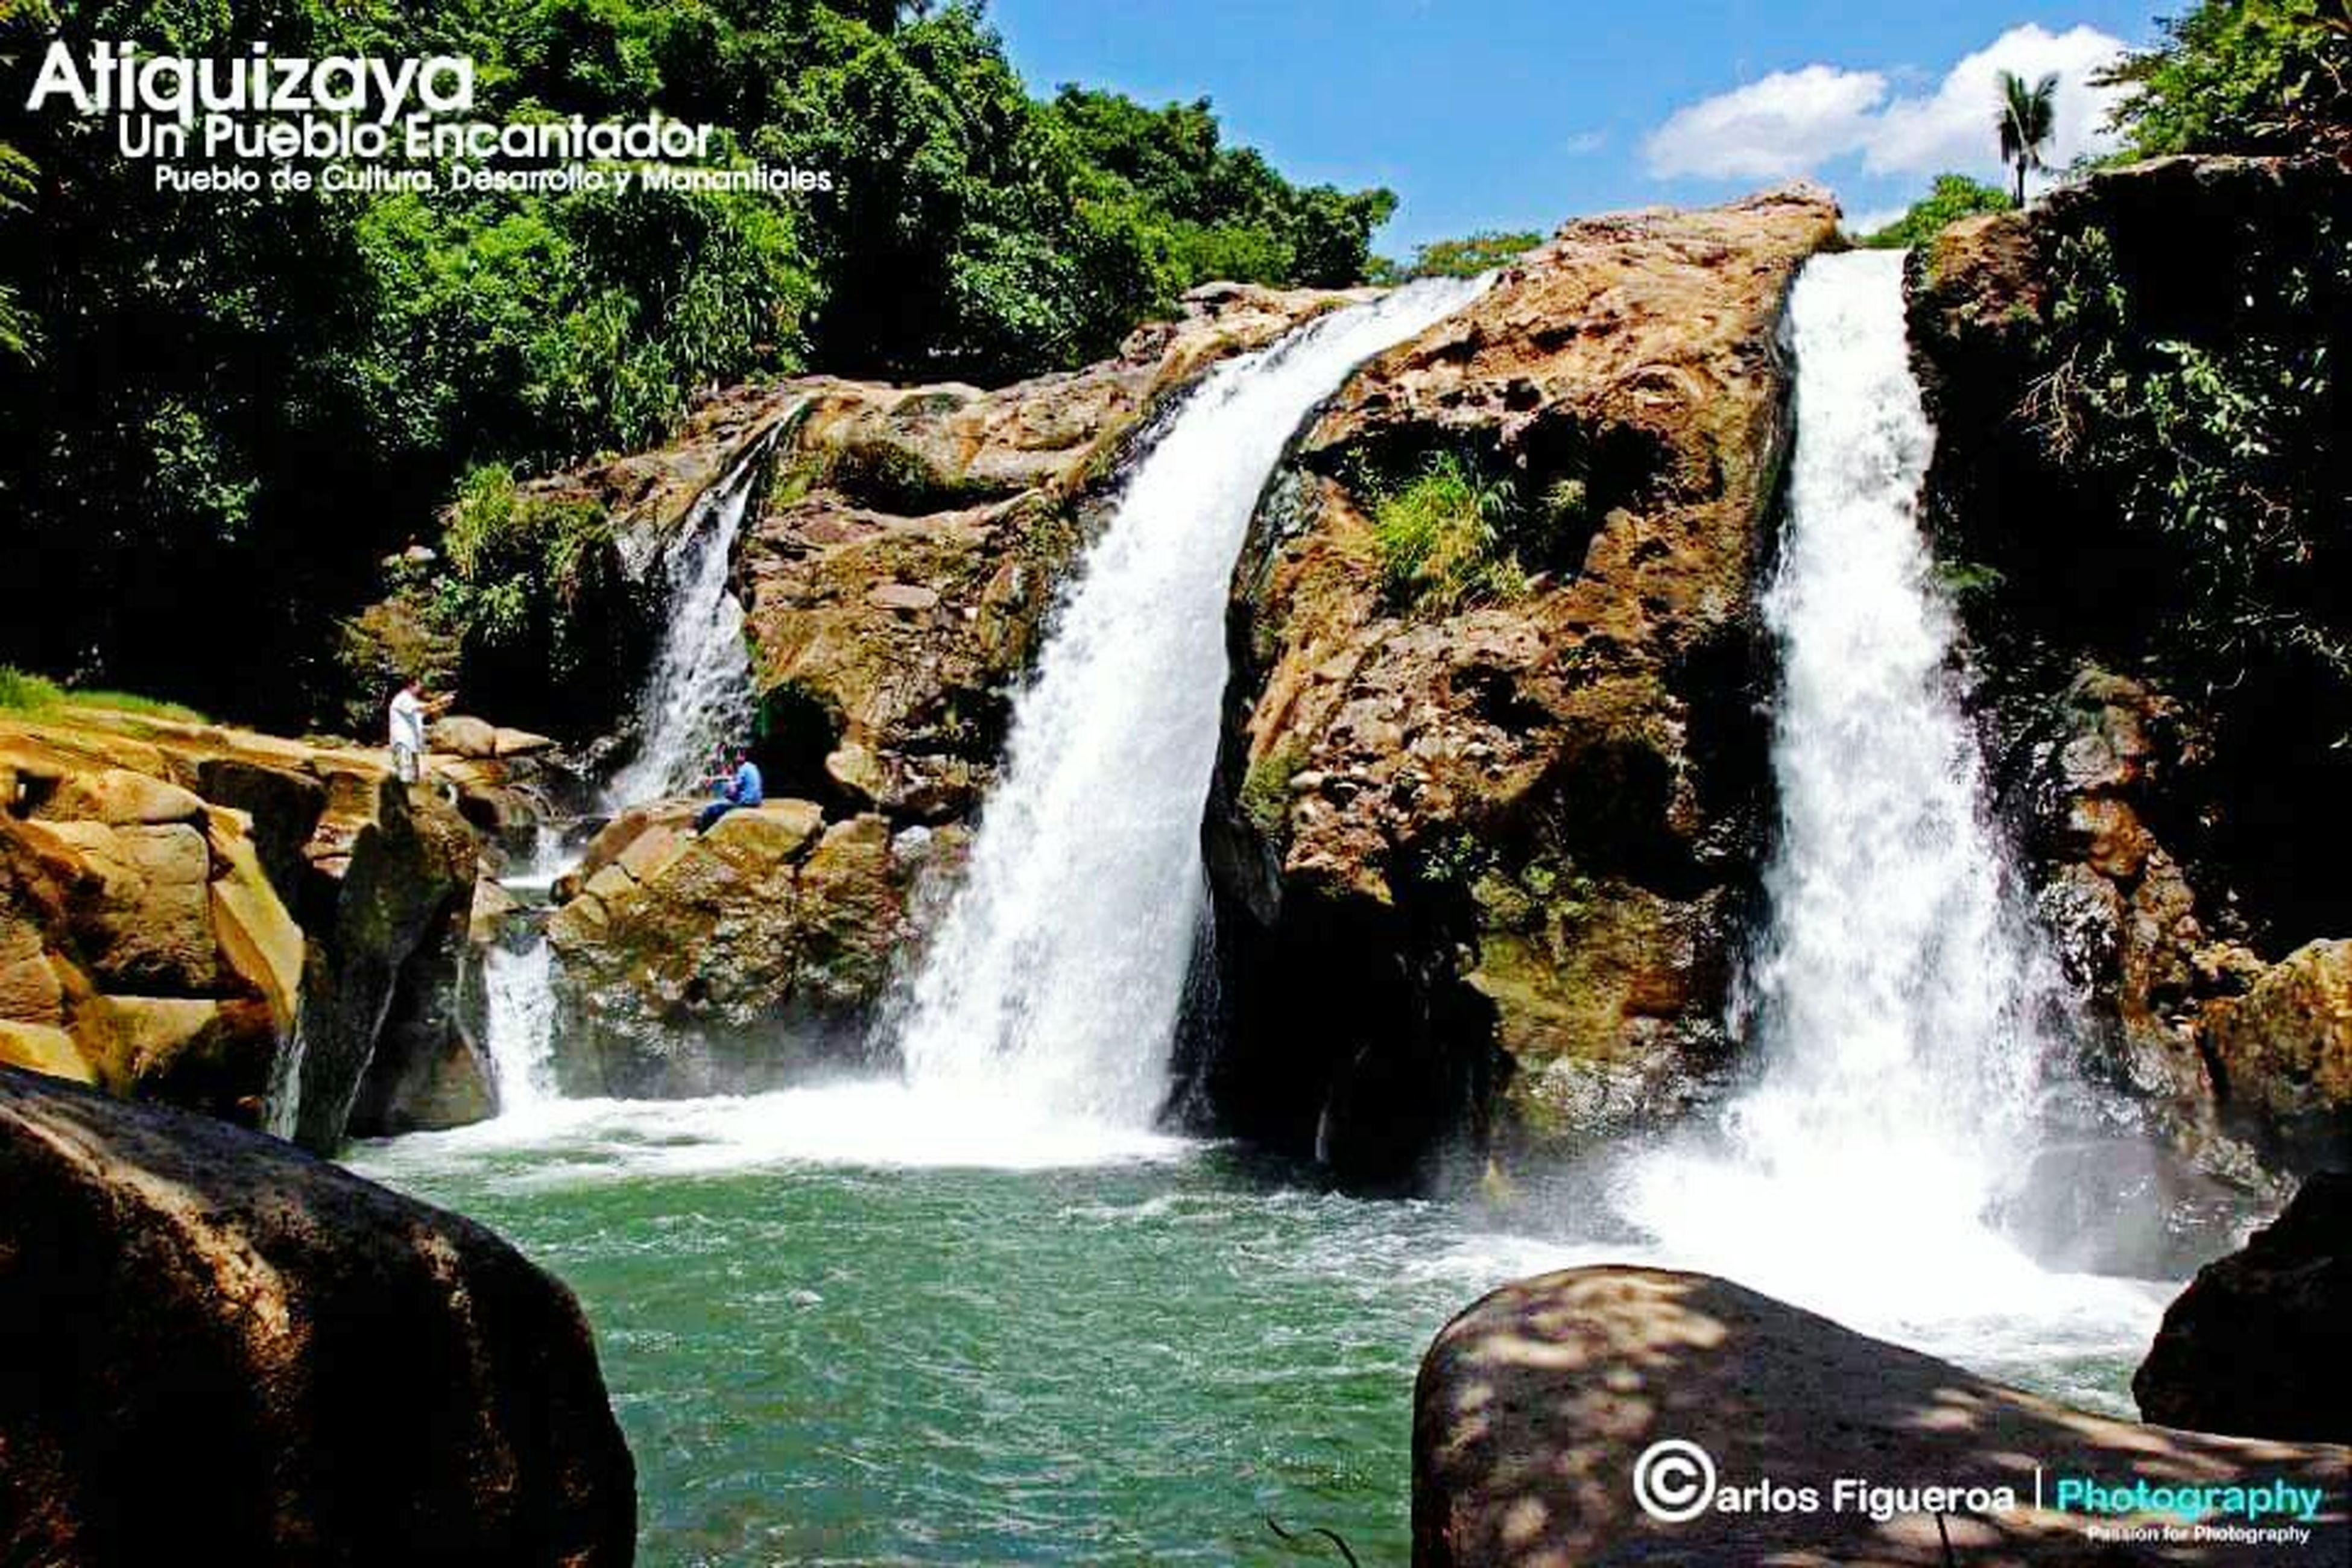 Unos de los lugares mas hermoso de mi hermoso Atiquizaya El impresionante Salto de Malacatiupan Canon CiudadDeManantiales Cultura Atiquizaya VisitamihermosaAtiquizaya